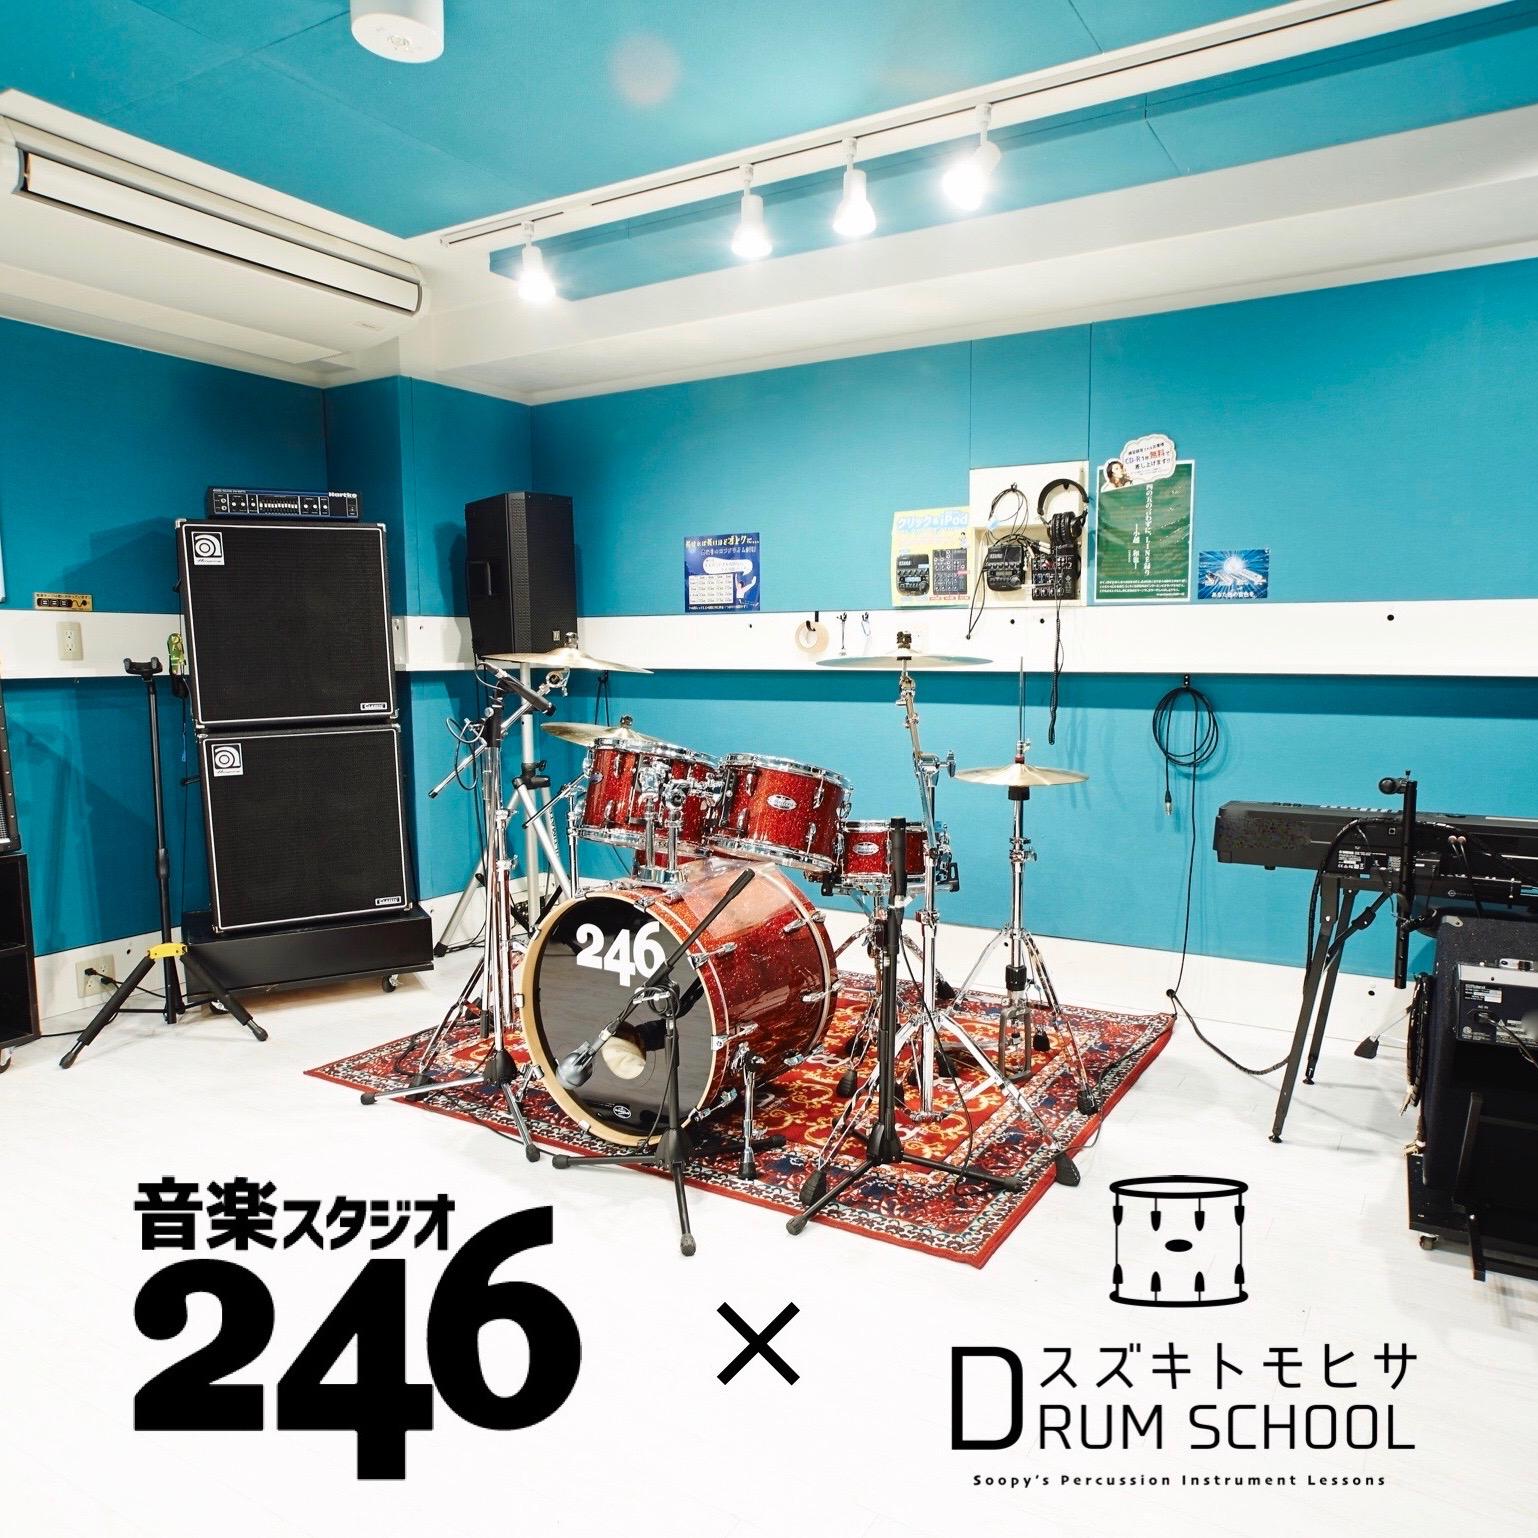 スタジオ246 WEST